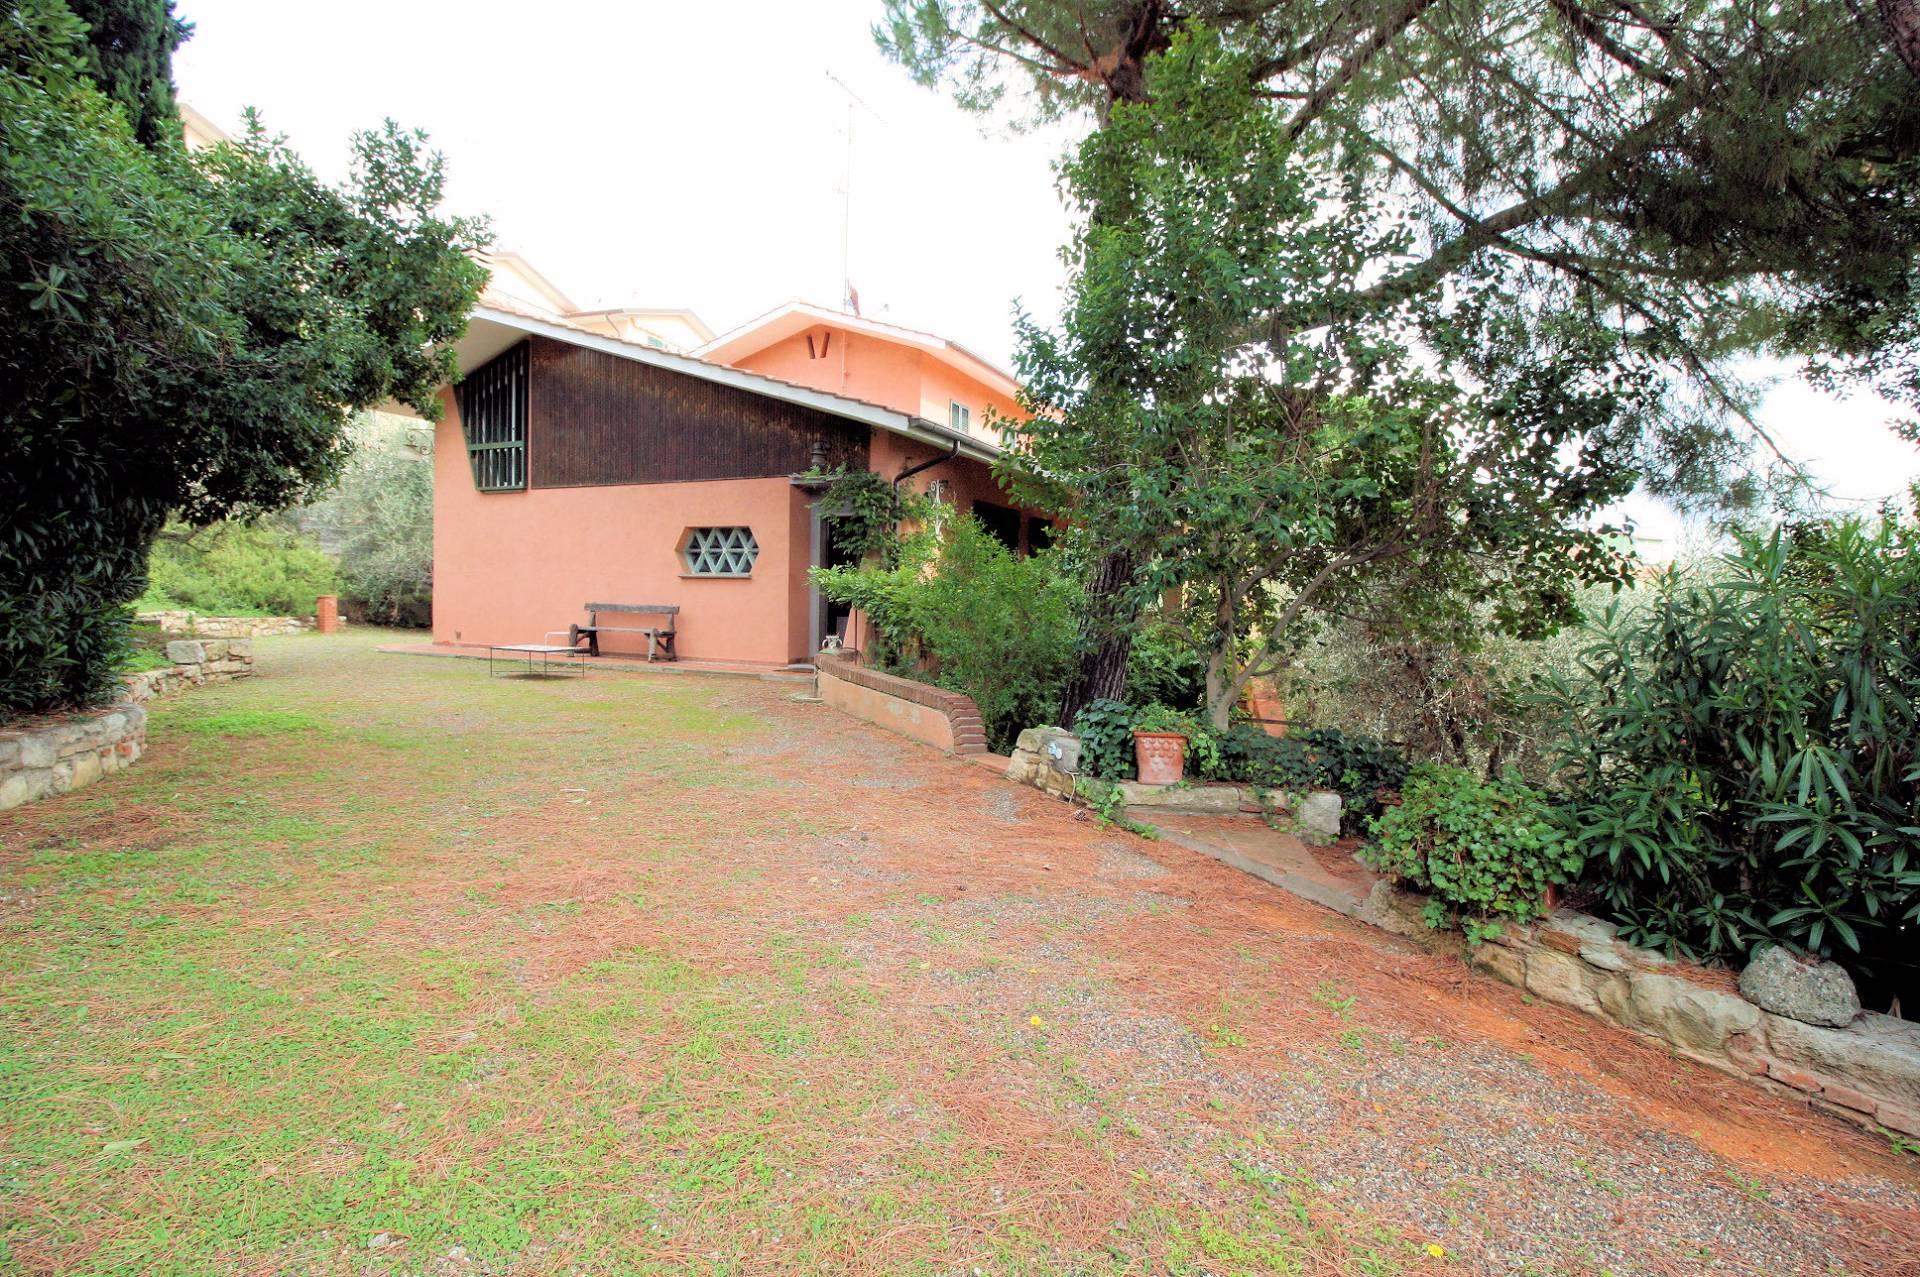 Villa in vendita a Rosignano Marittimo, 11 locali, prezzo € 650.000 | Cambio Casa.it